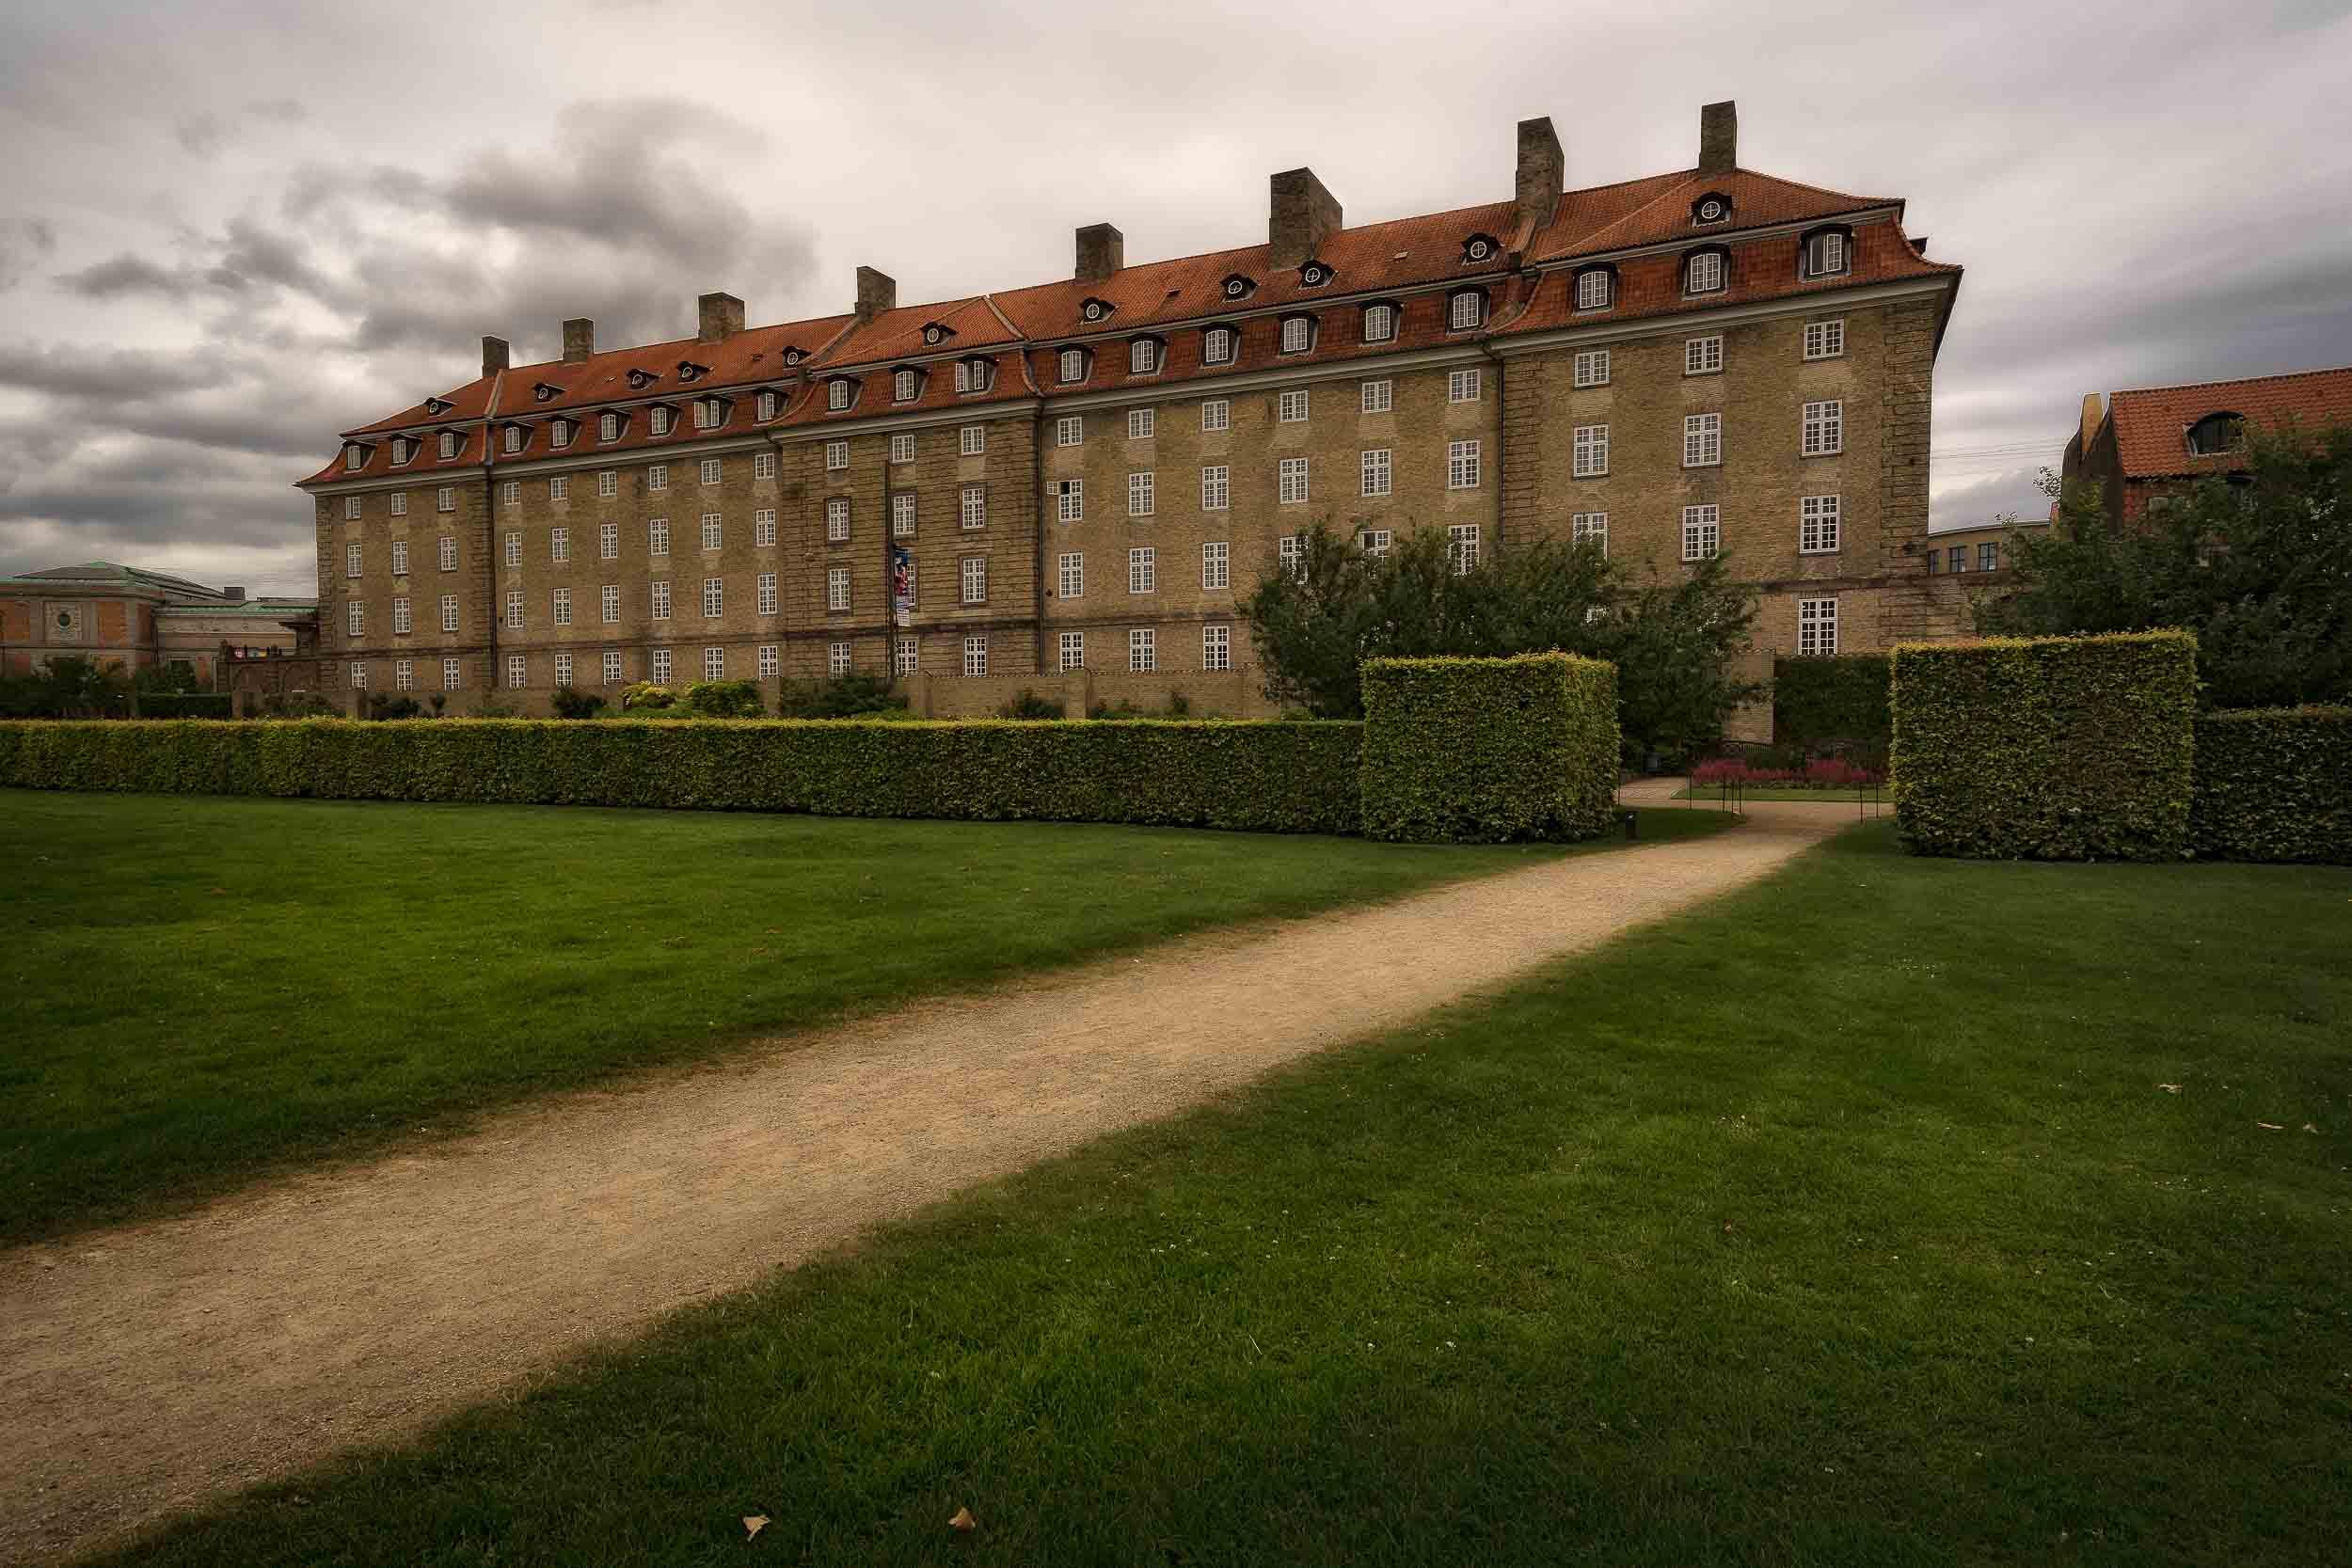 A grand building on the edge of Kings Garden in Copenhagen, Denmark.